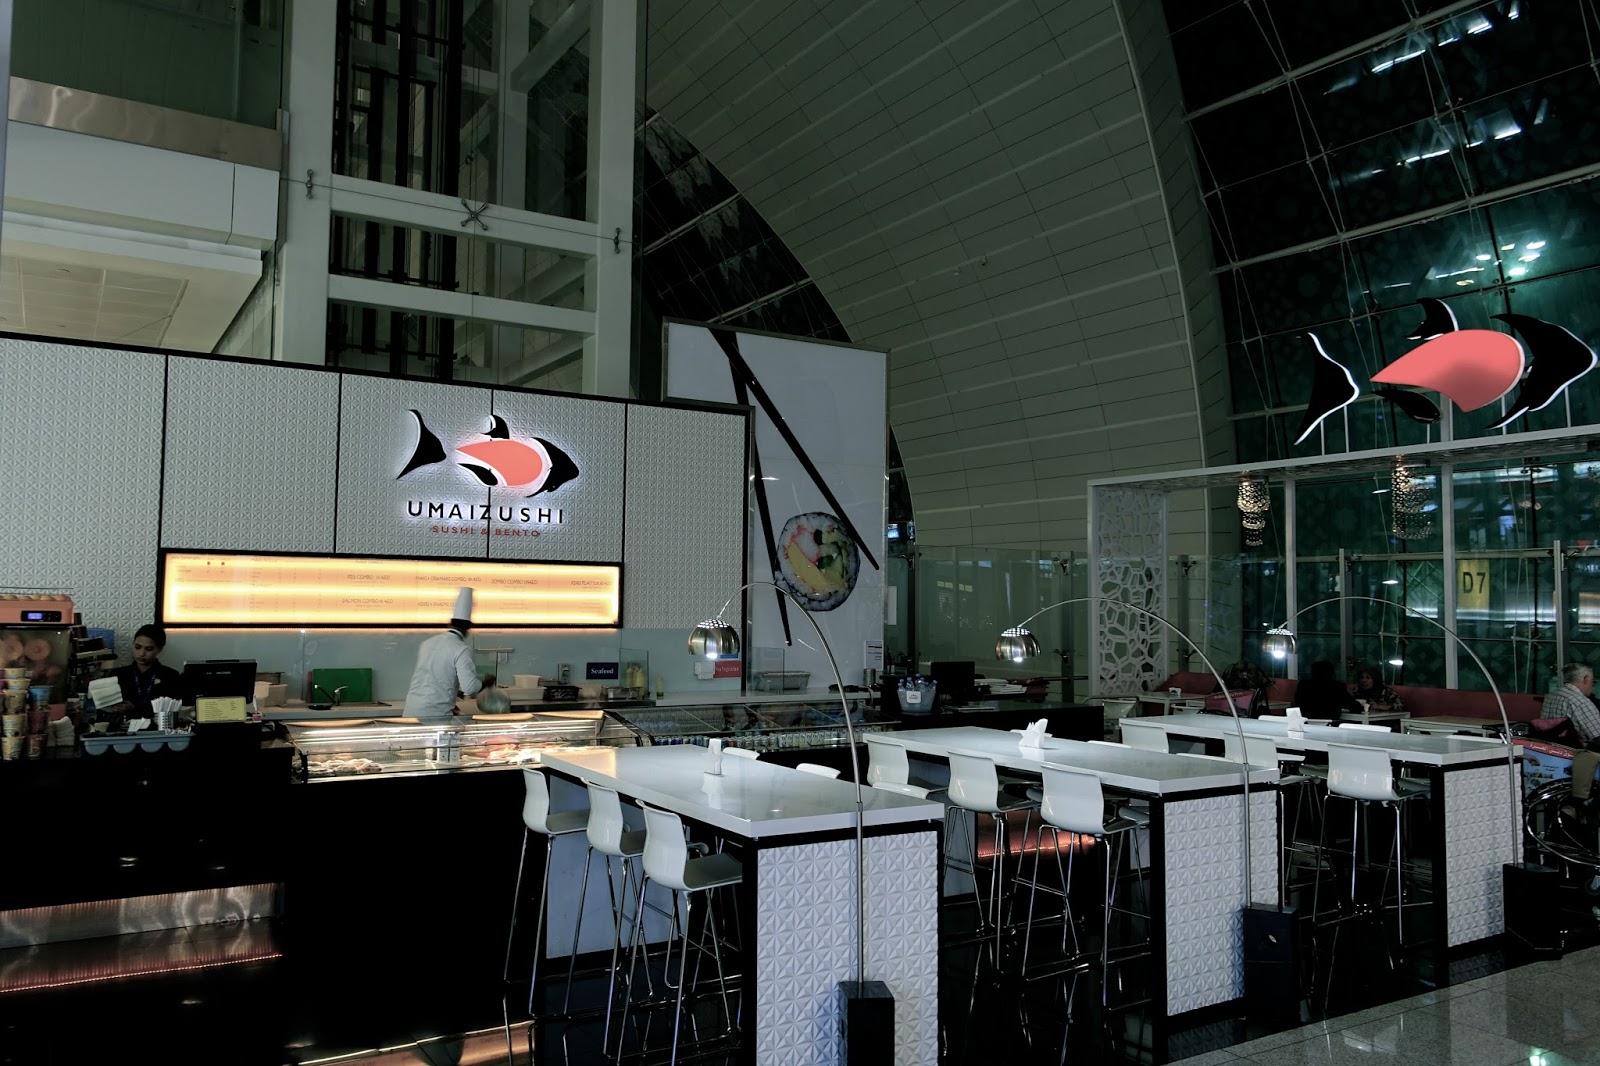 ドバイ国際空港(第3ターミナル)の寿司屋